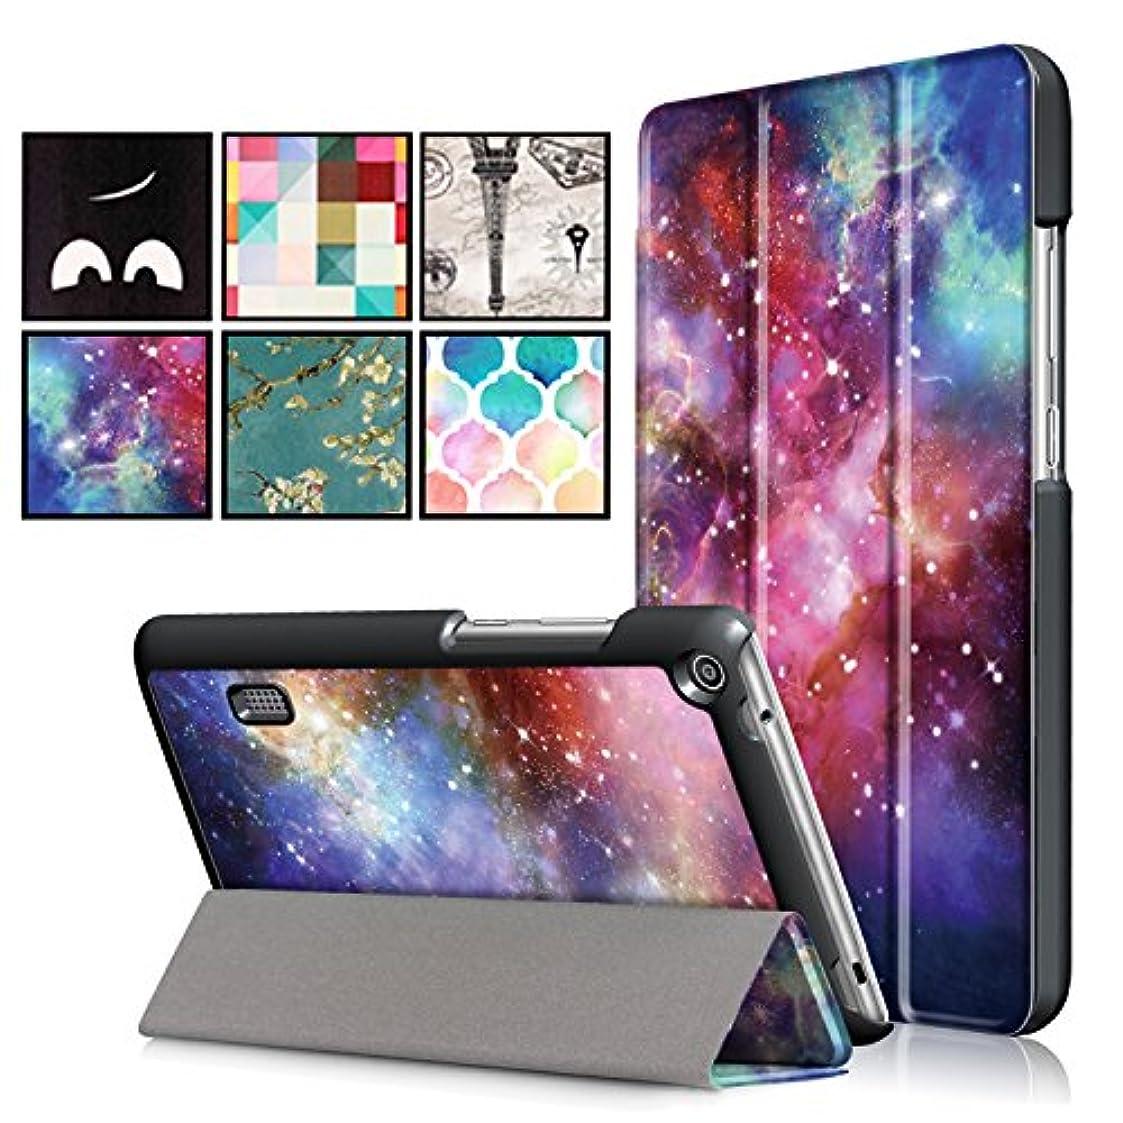 パスタ首シンプトン【E-COAST】Huawei Mediapad T3 7.0 専用カバー 保護ケース 三つ折畳式 おしゃれな紋様 軽量 高品質 マグネット内蔵 液晶フィルム付 (銀河)